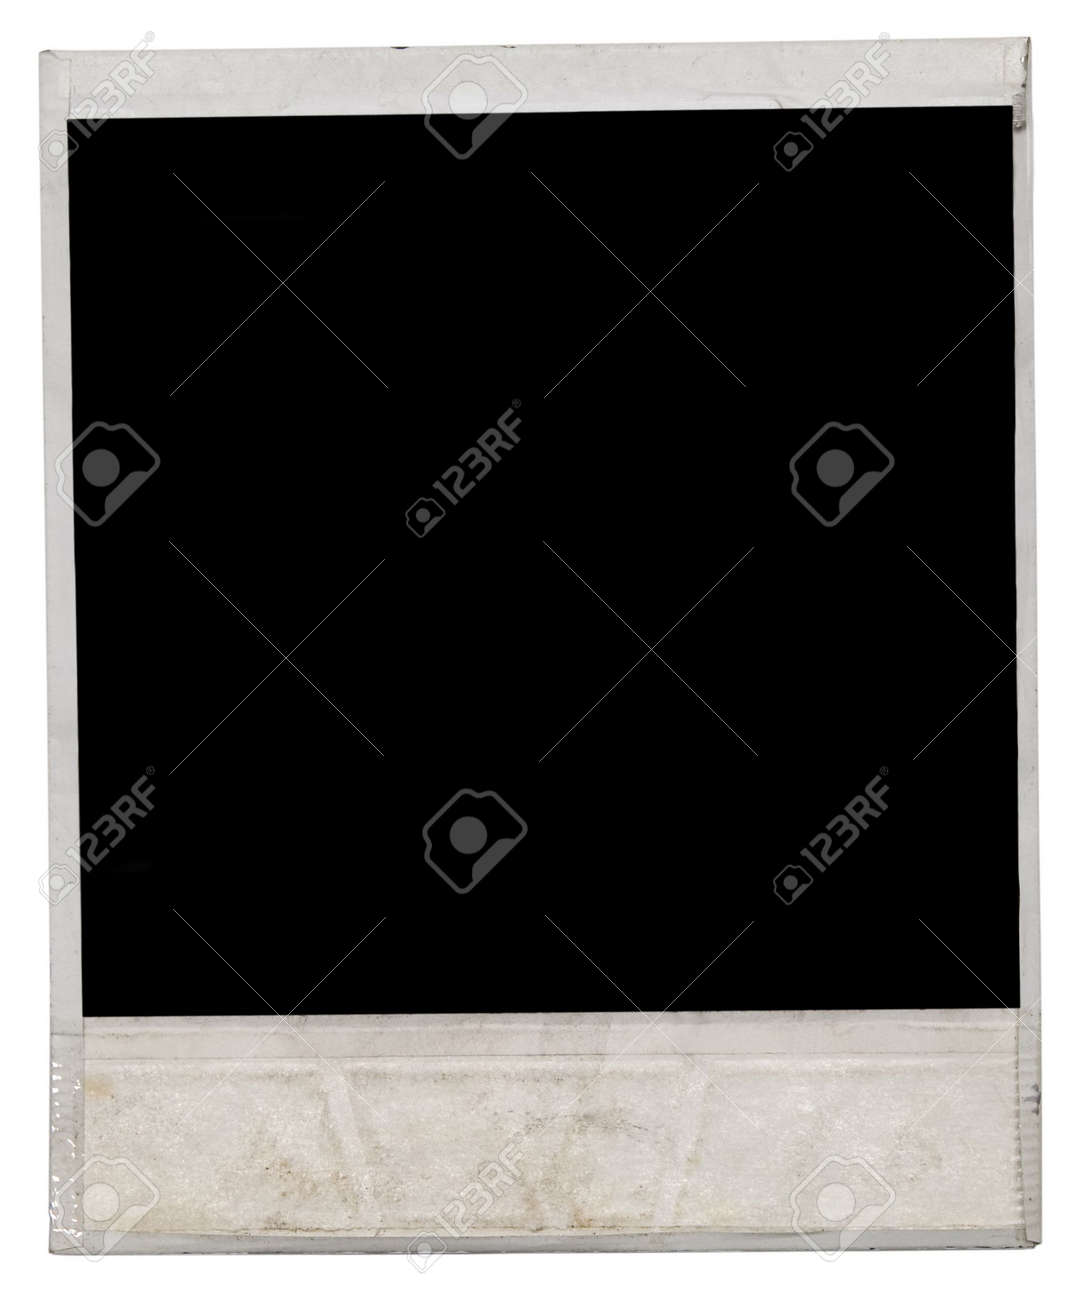 Polaroid Rahmen Isoliert Auf Weißem Lizenzfreie Fotos, Bilder Und ...